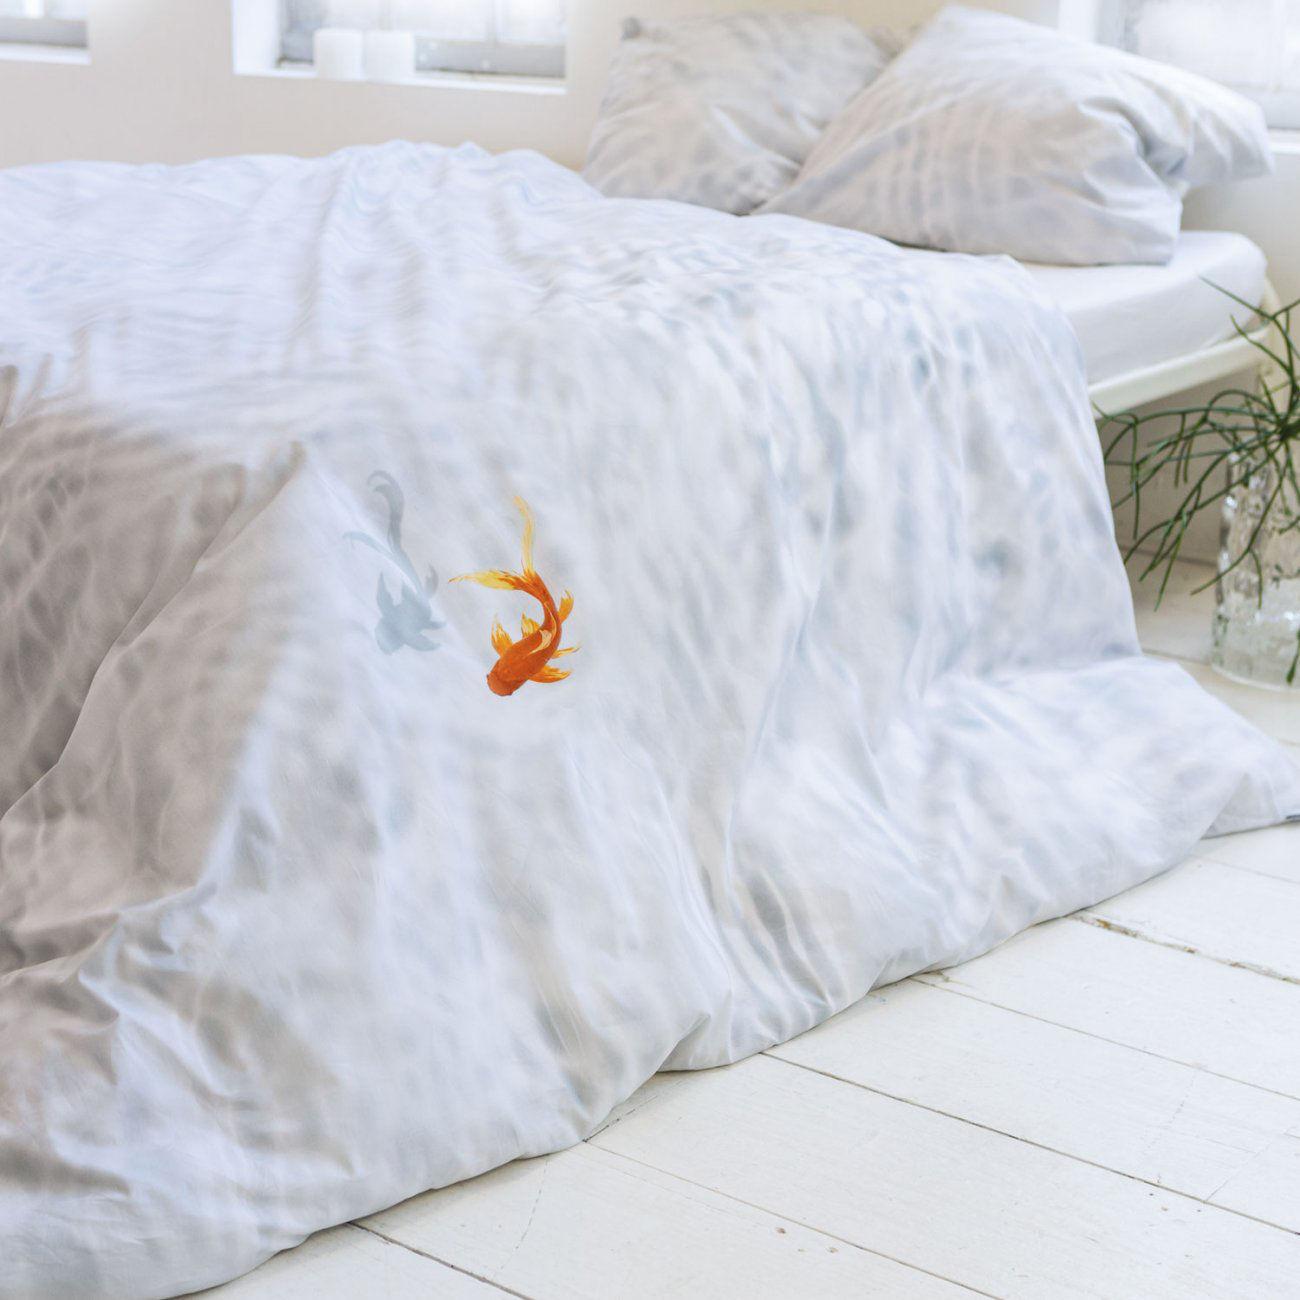 parure de lit 2 personnes bassie 240 x 220 cm bassie eau claire et poisson rouge snurk. Black Bedroom Furniture Sets. Home Design Ideas